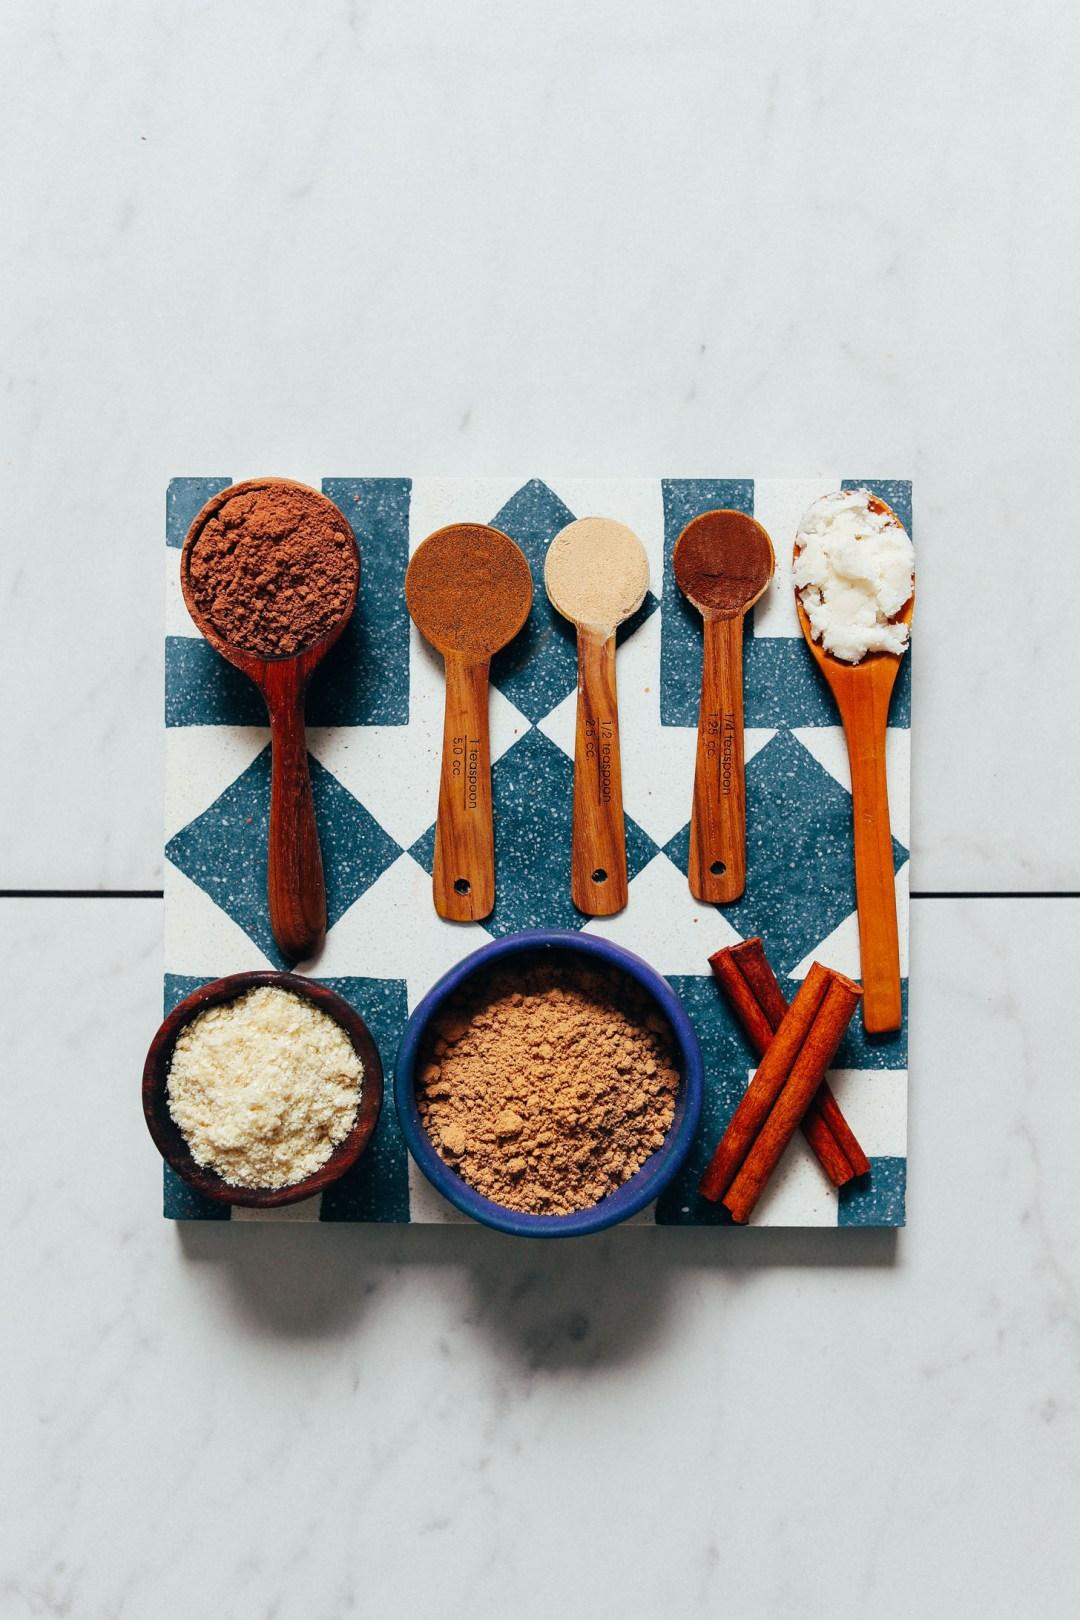 Cucharadas y cuencos de cacao en polvo, Ashwagandha, polvo de hongo reishi, maca, mantequilla de coco y canela para hacer nuestra receta de chocolate caliente con adaptógenos